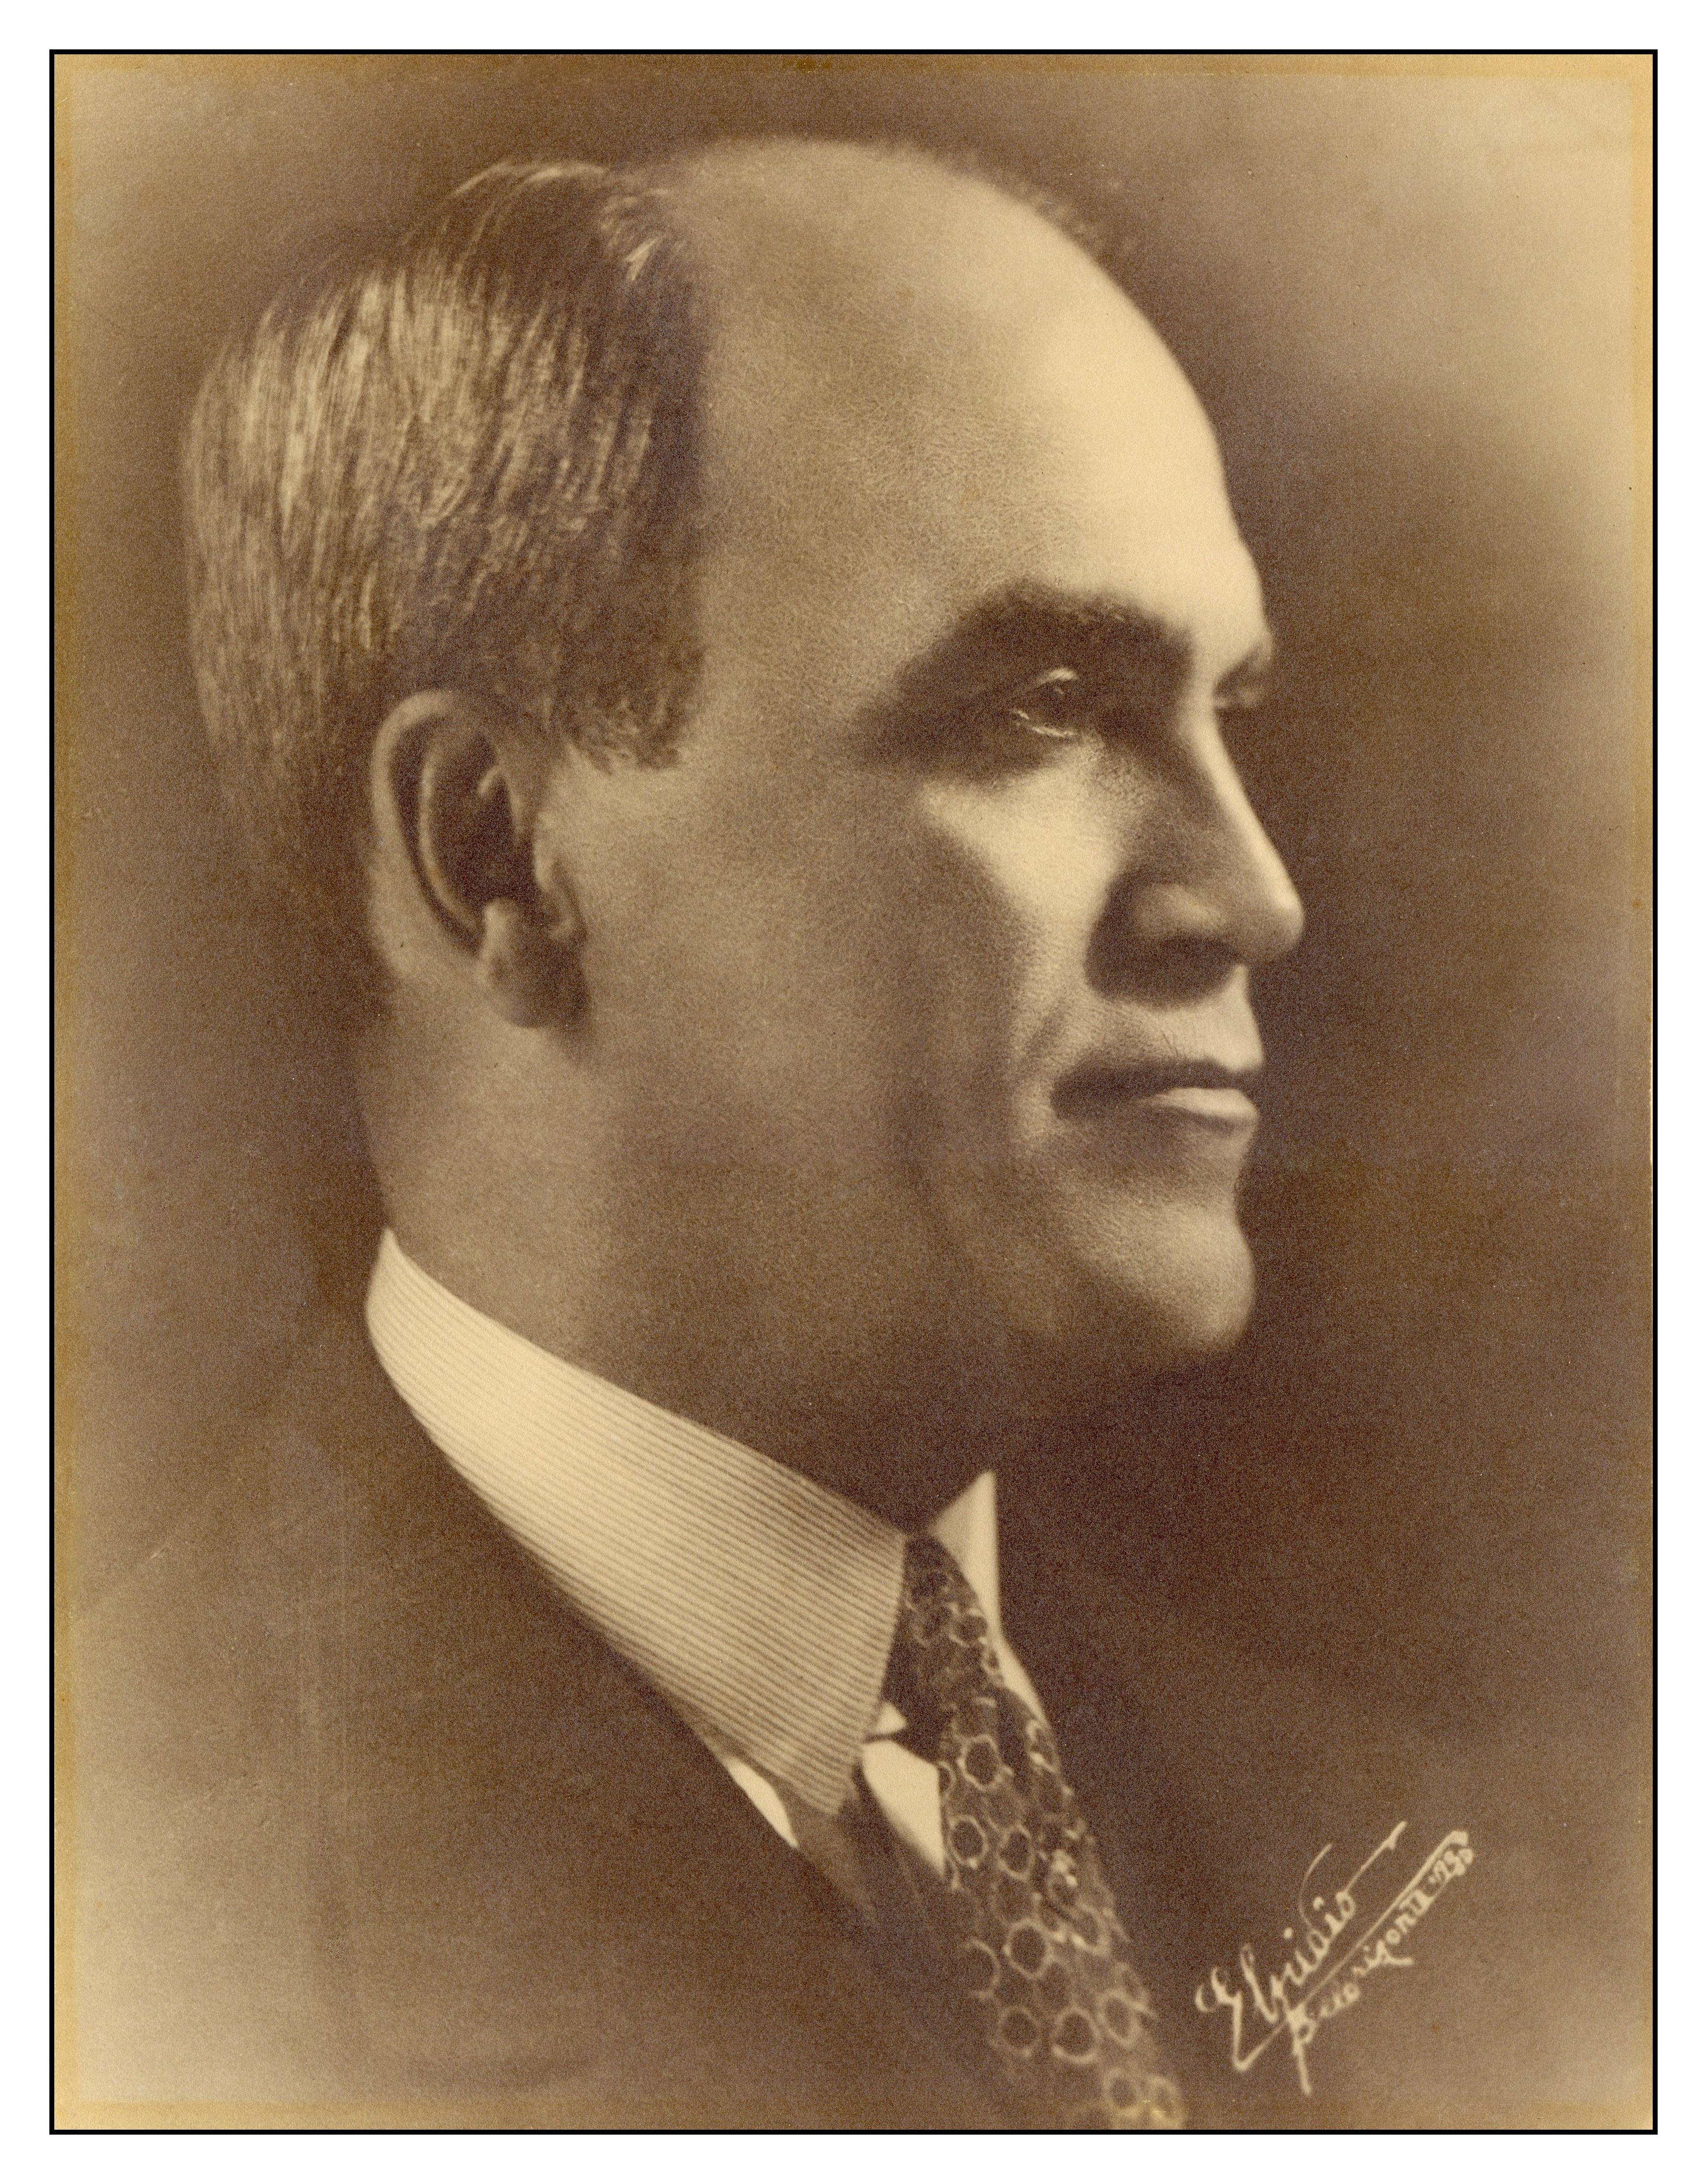 Alaor Prata Soares